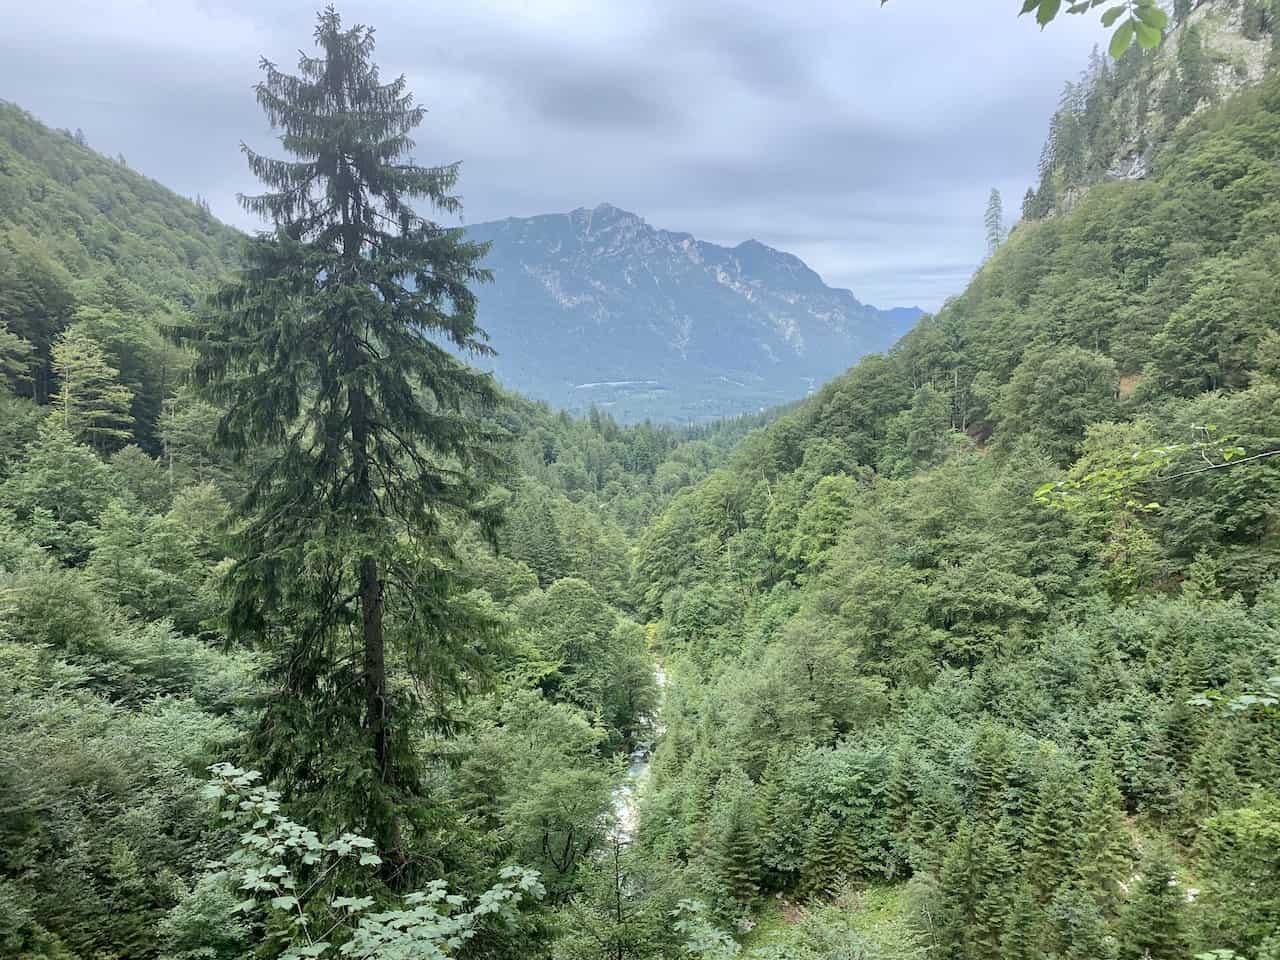 Höllentalklamm Gorge Forest